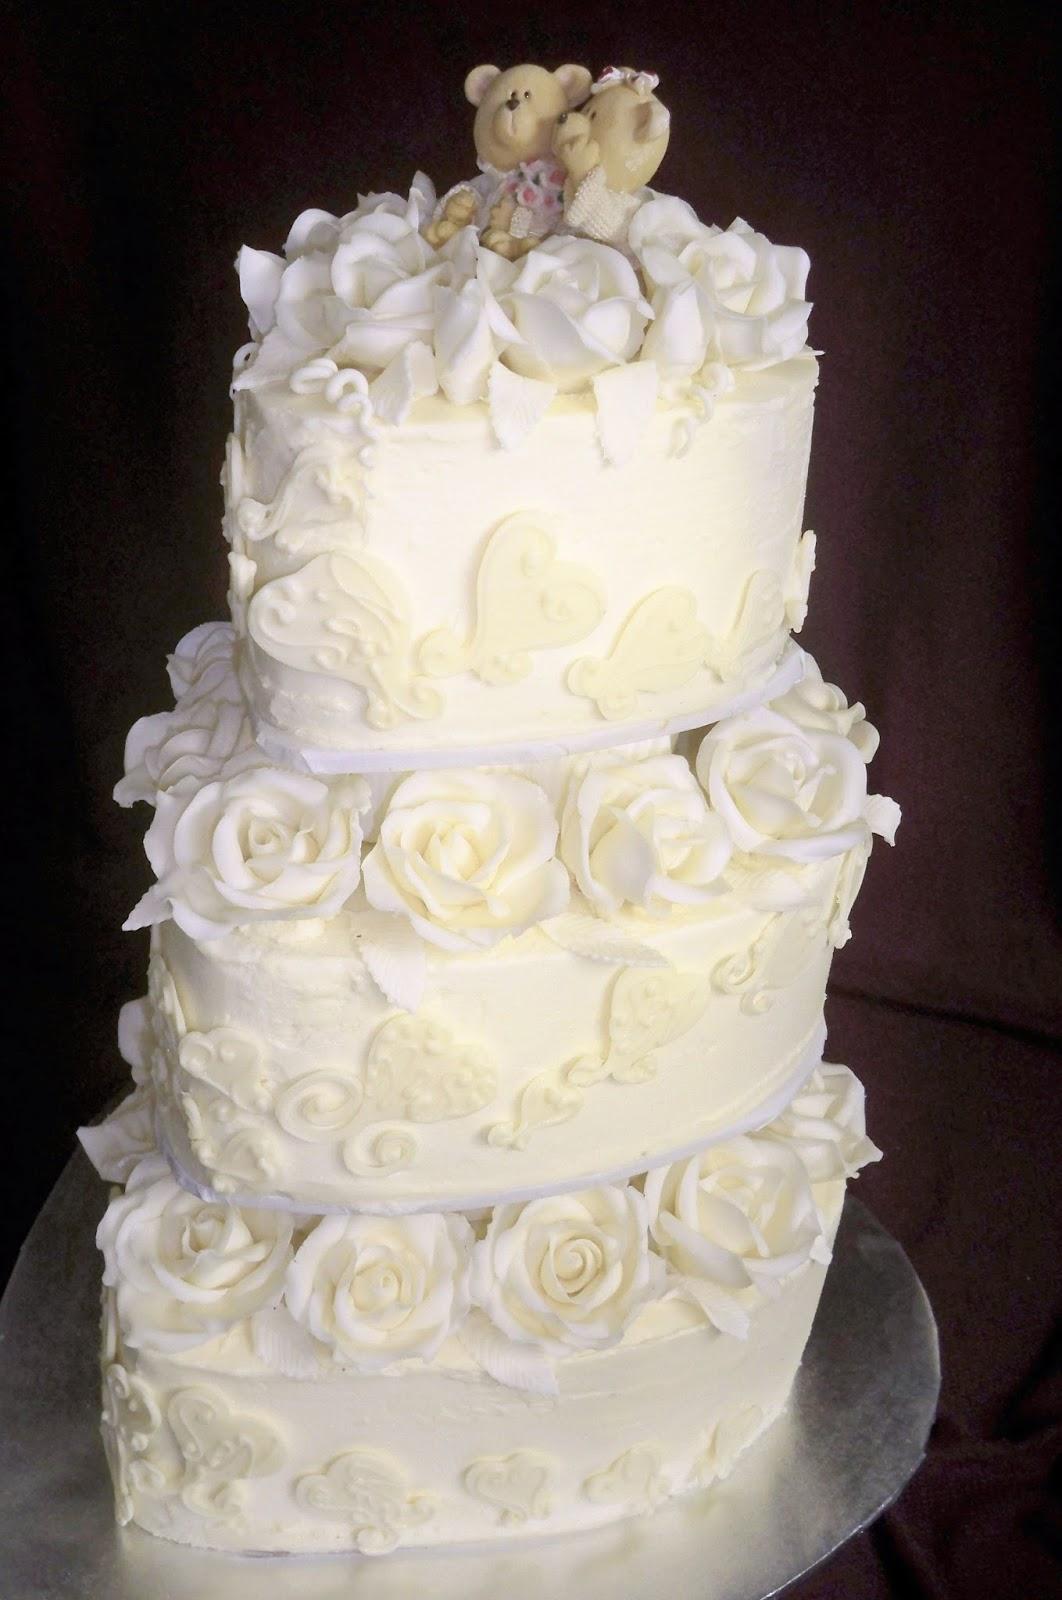 Romantic white chocolate wedding cake | Elisabeth\'s Wedding Cakes